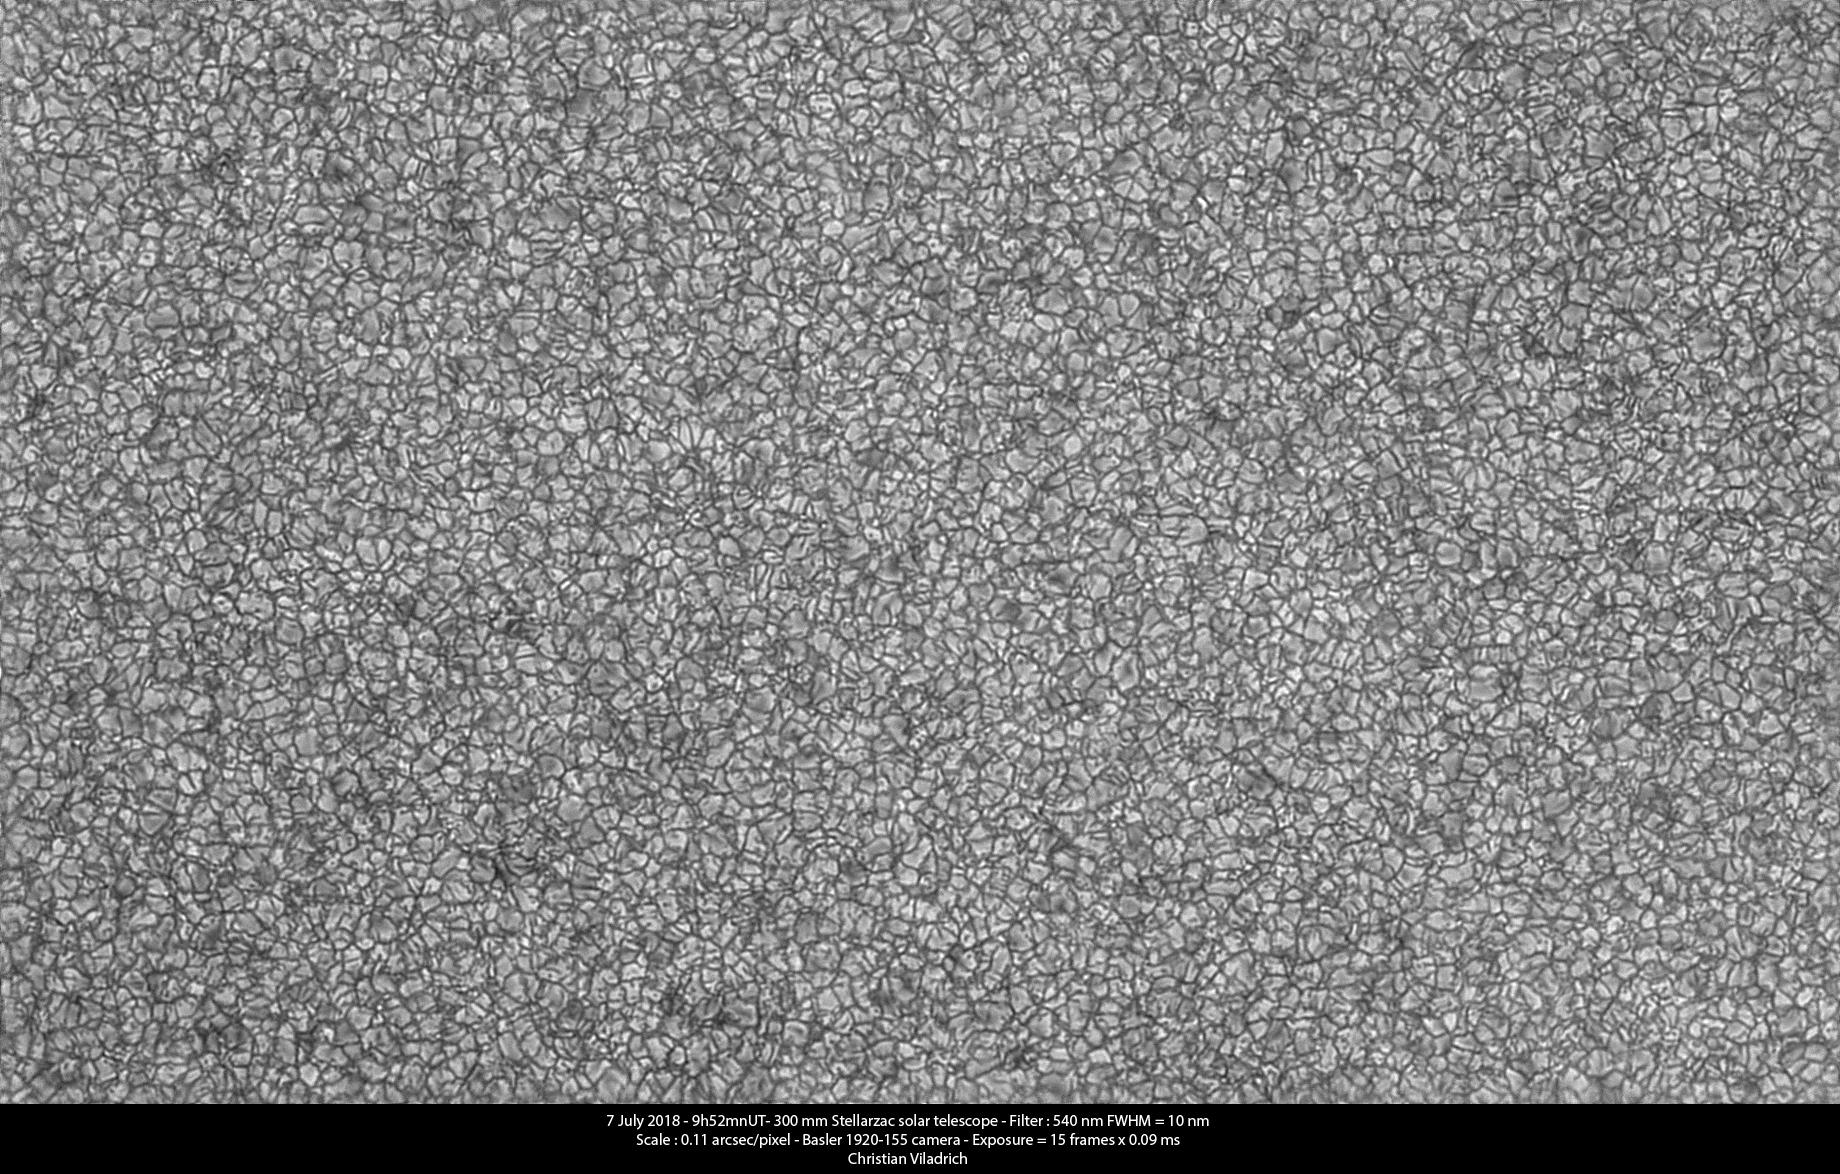 Granulation-7July2018-9h52mnUT-N300-540n